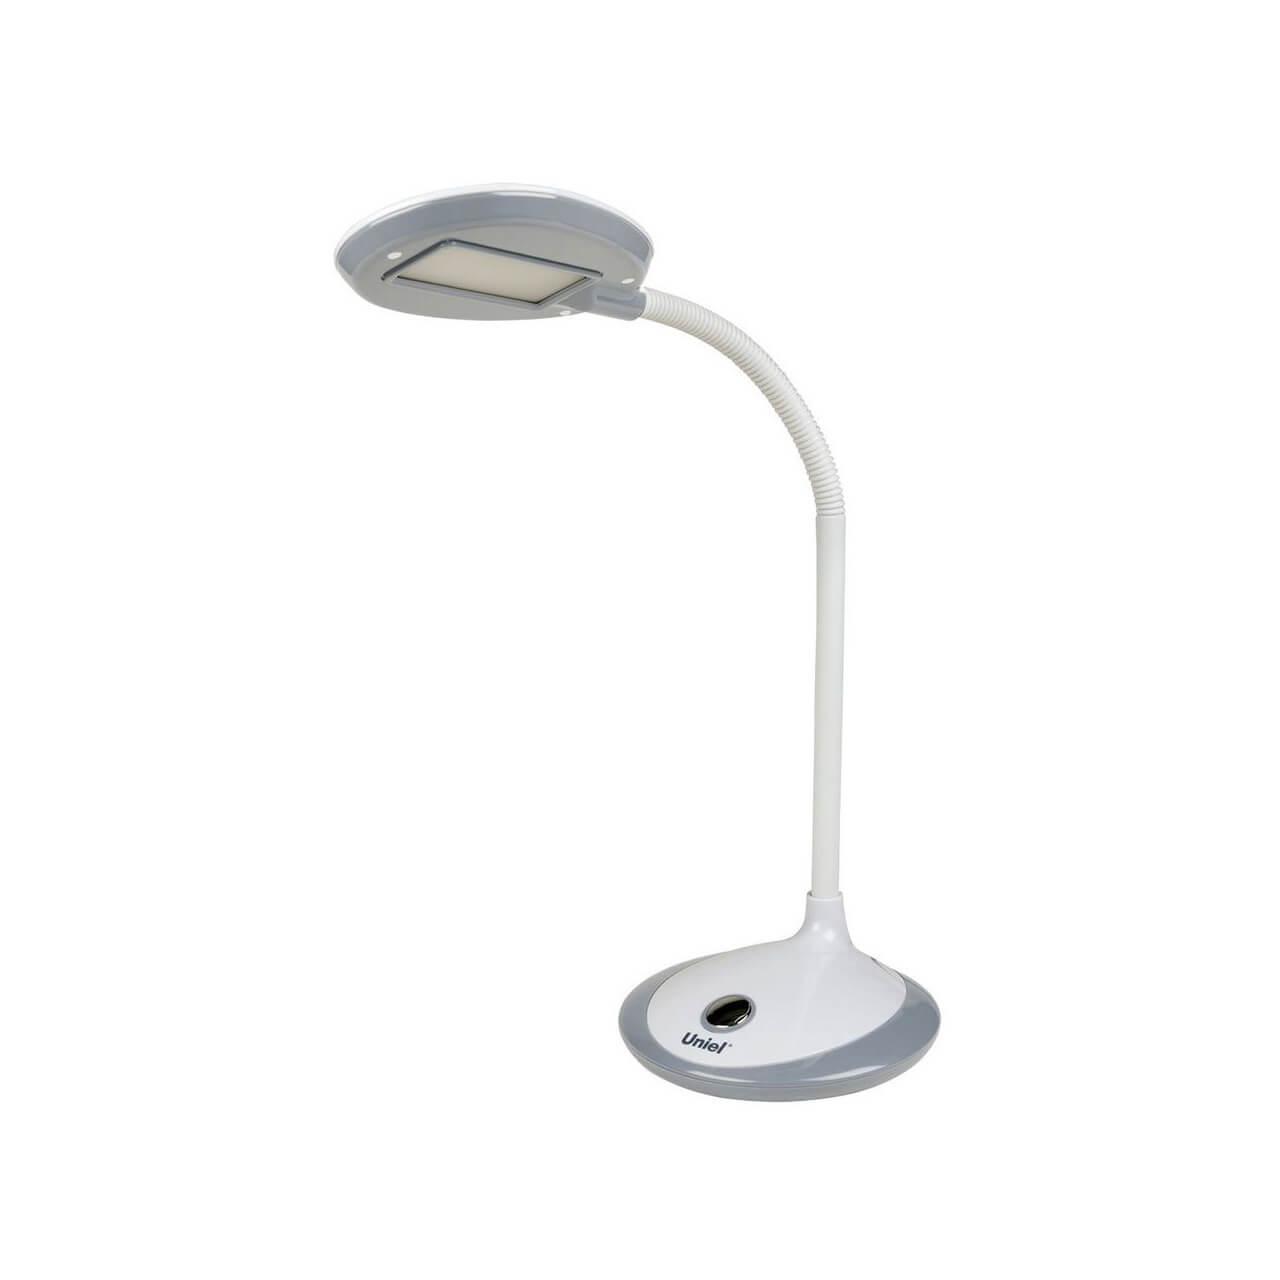 Настольный светильник Uniel TLD-527 Grey/LED/400Lm/4500K, LED, 4 Вт настольный led светильник uniel tld 531 4w 4500k серый с белым